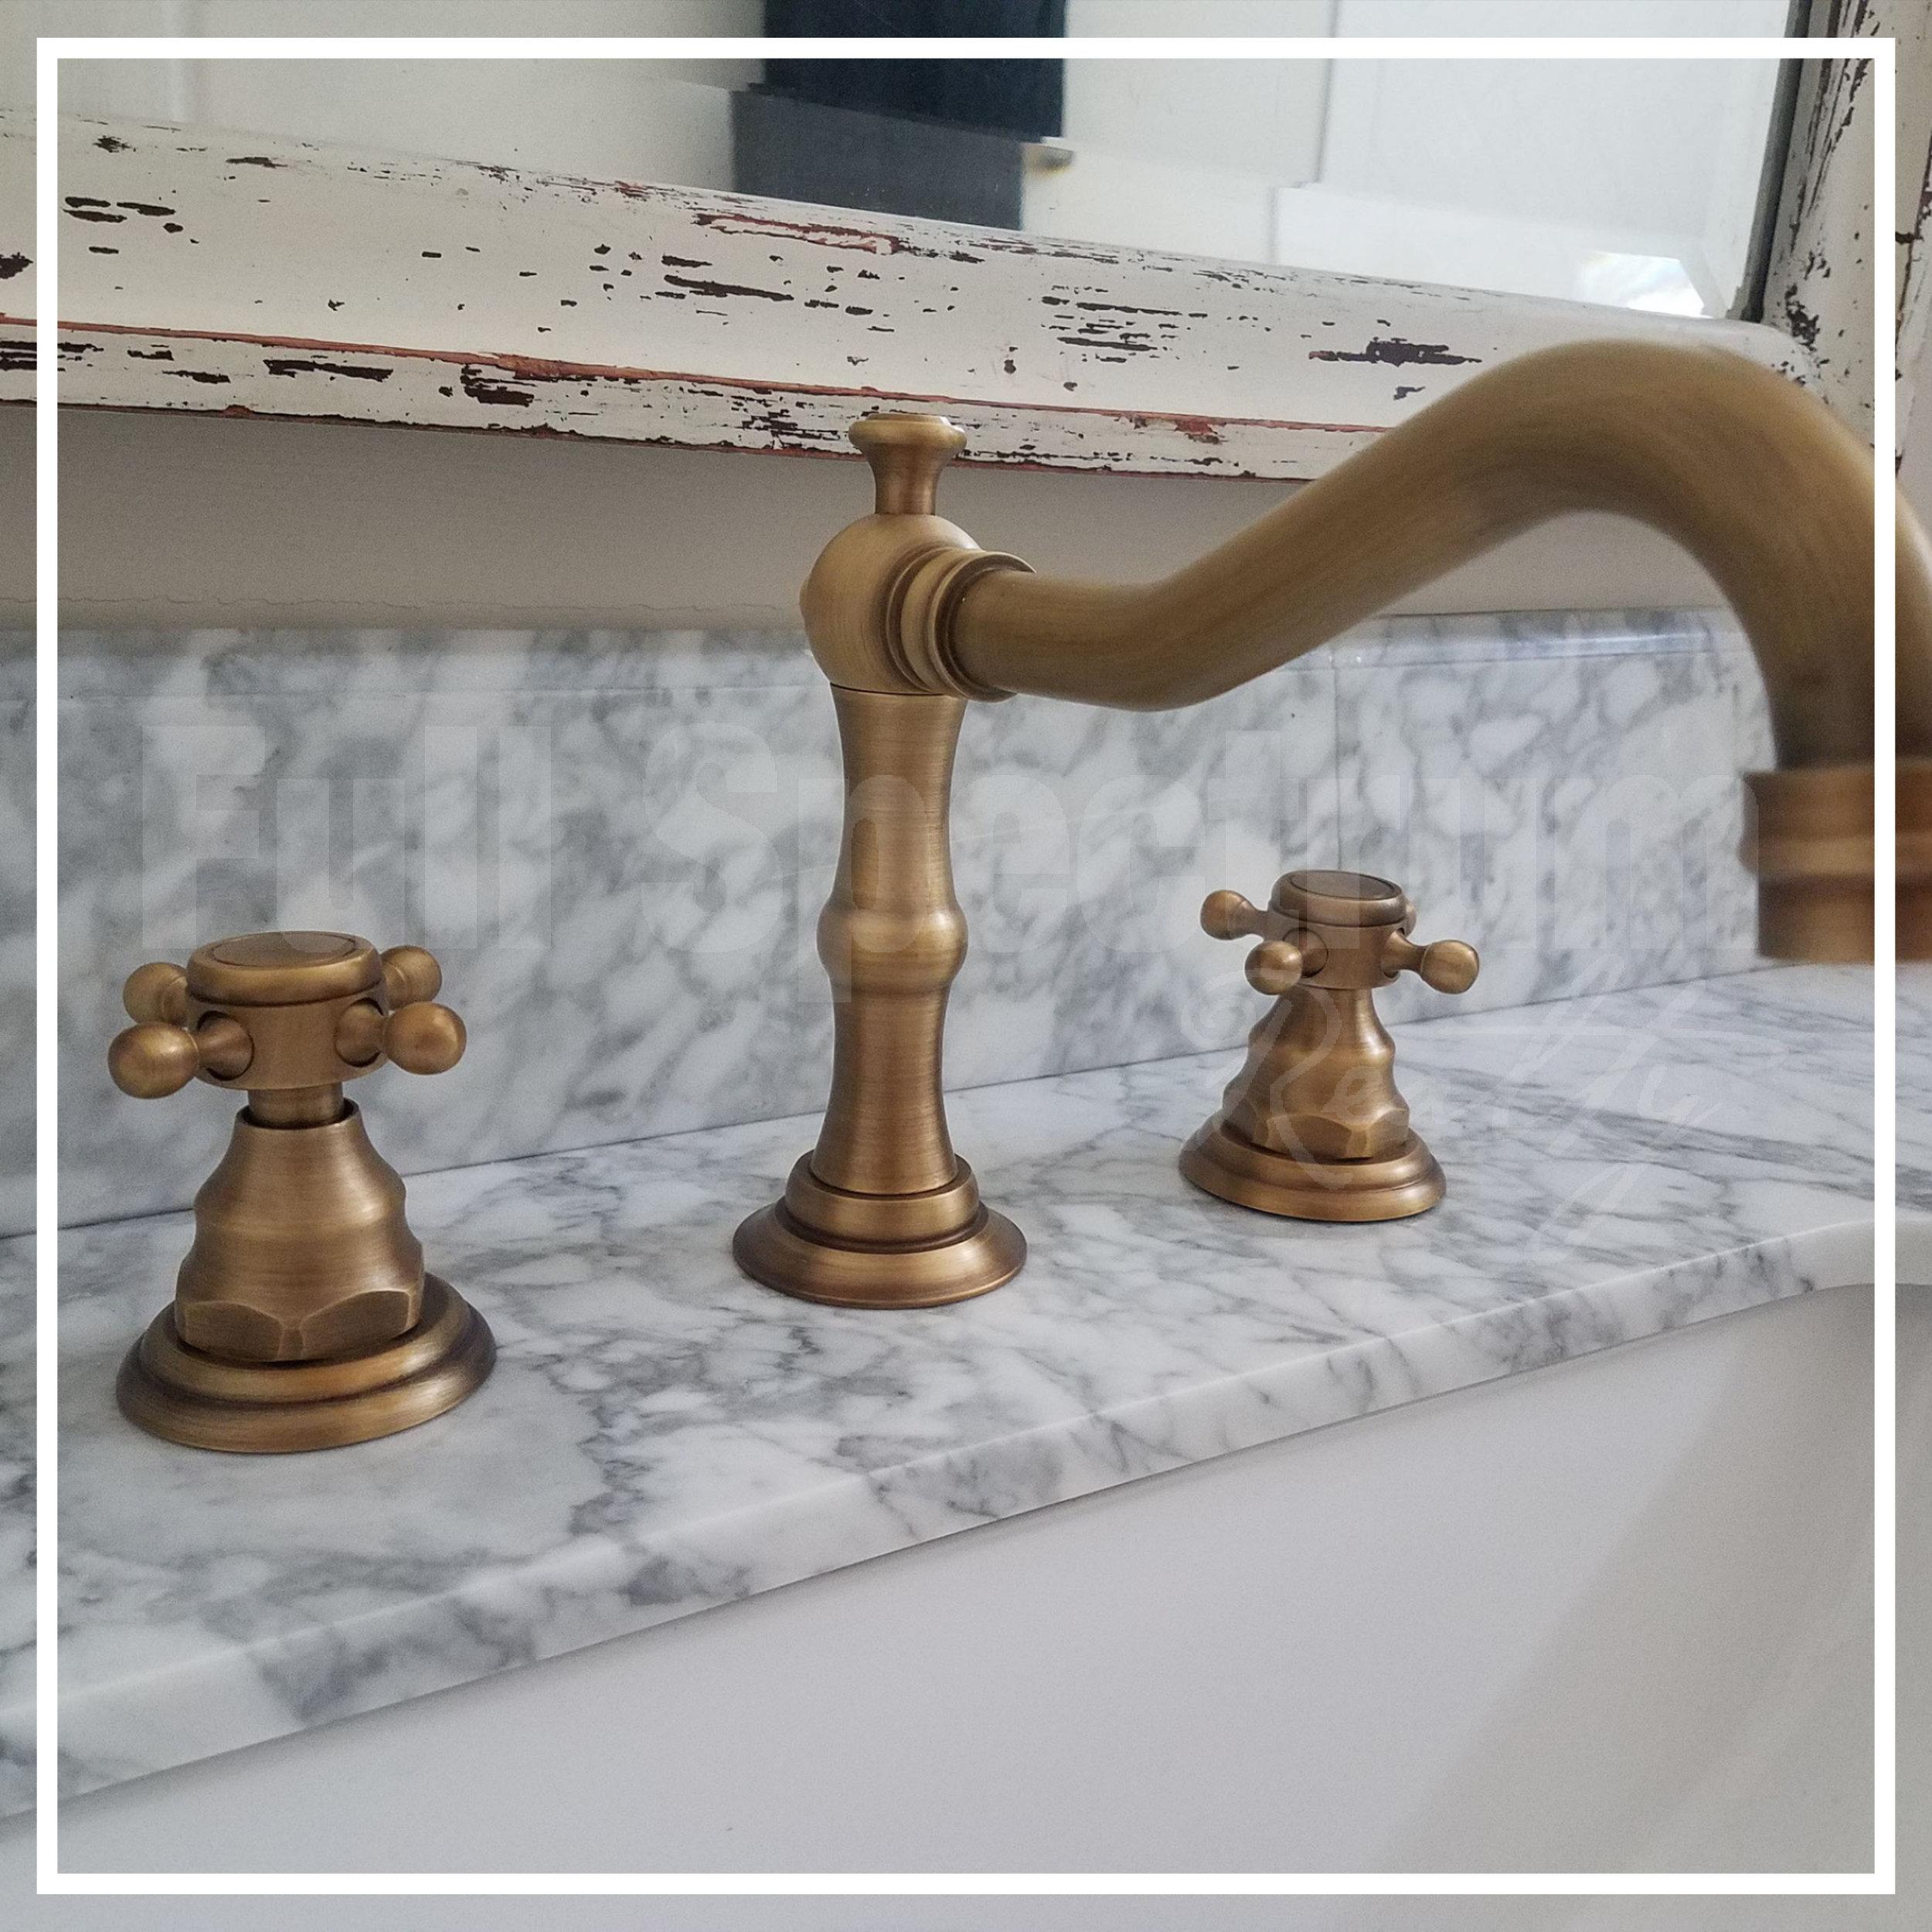 guest bathroom faucet